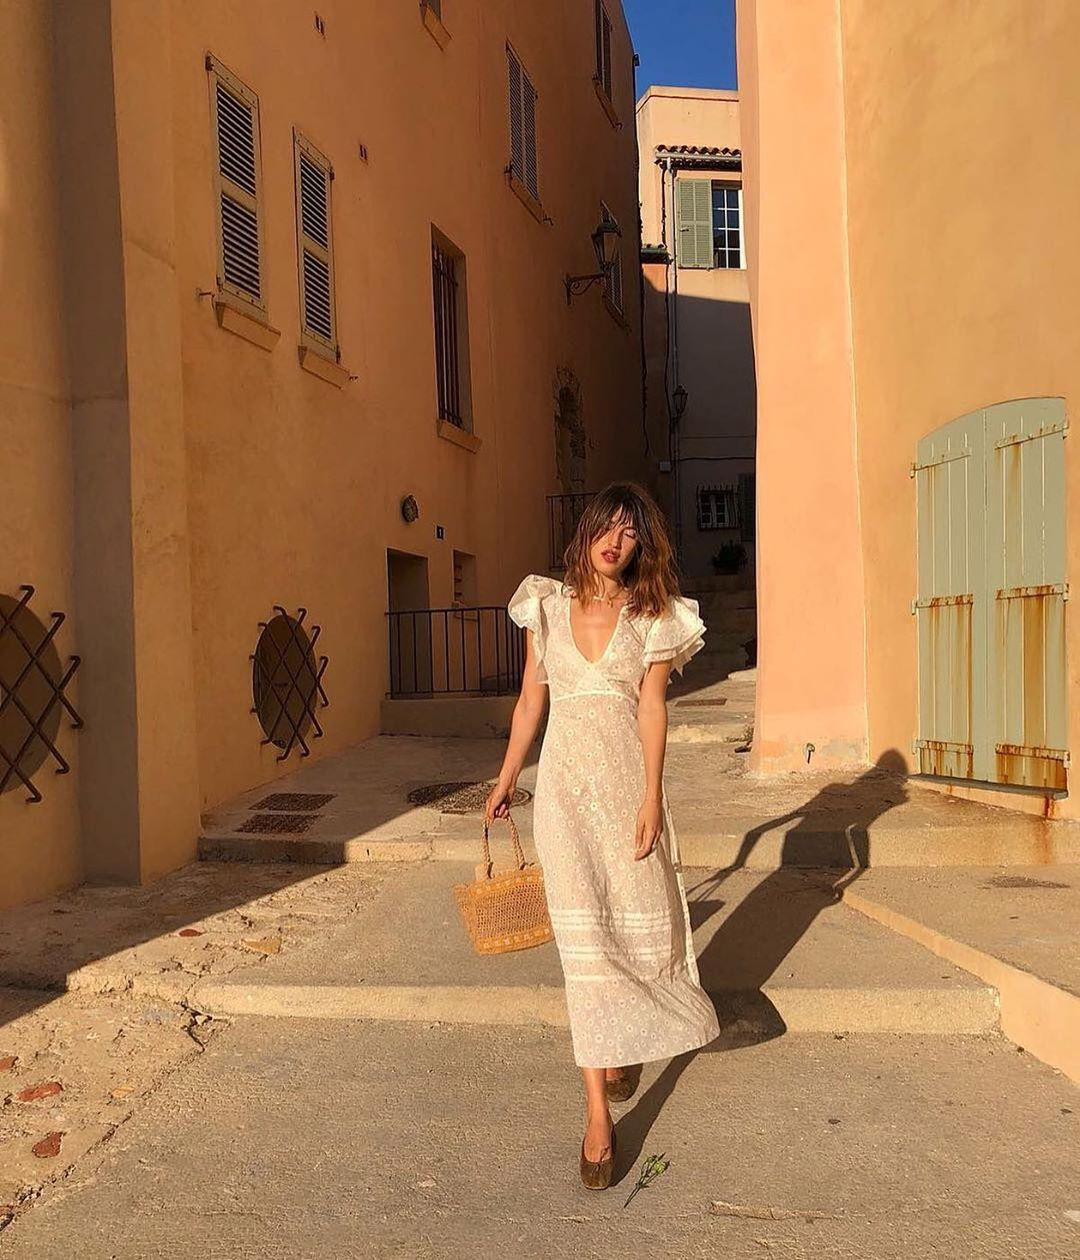 Trời se lạnh mà 'quẩy' váy dáng dài là style sẽ yêu kiều như gái Pháp, điểm sang chảnh cũng tăng ngùn ngụt 6